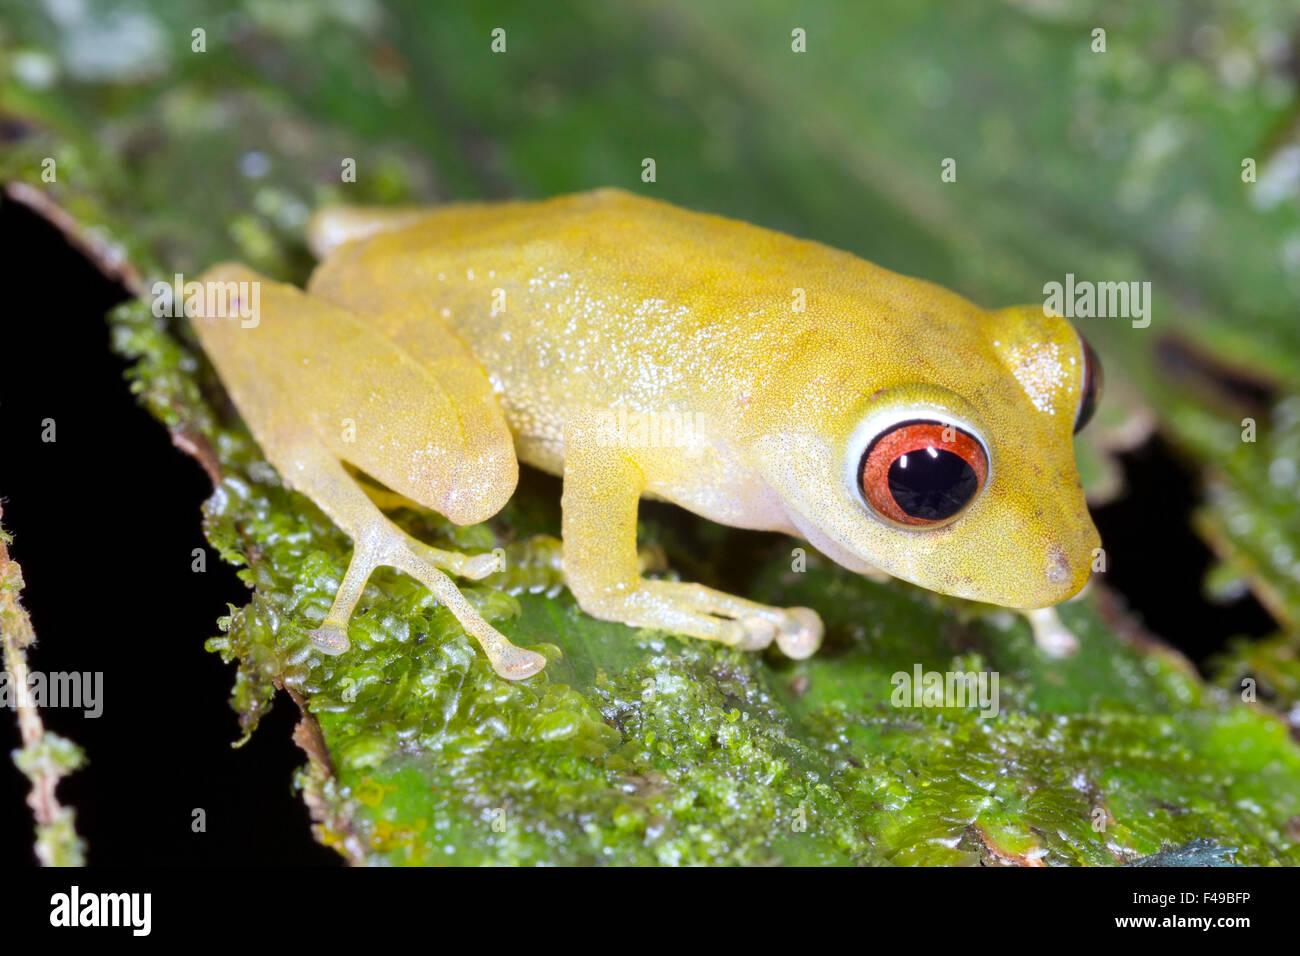 Rio Coca Robber Frog Pristimantis quaquaversus - Stock Image